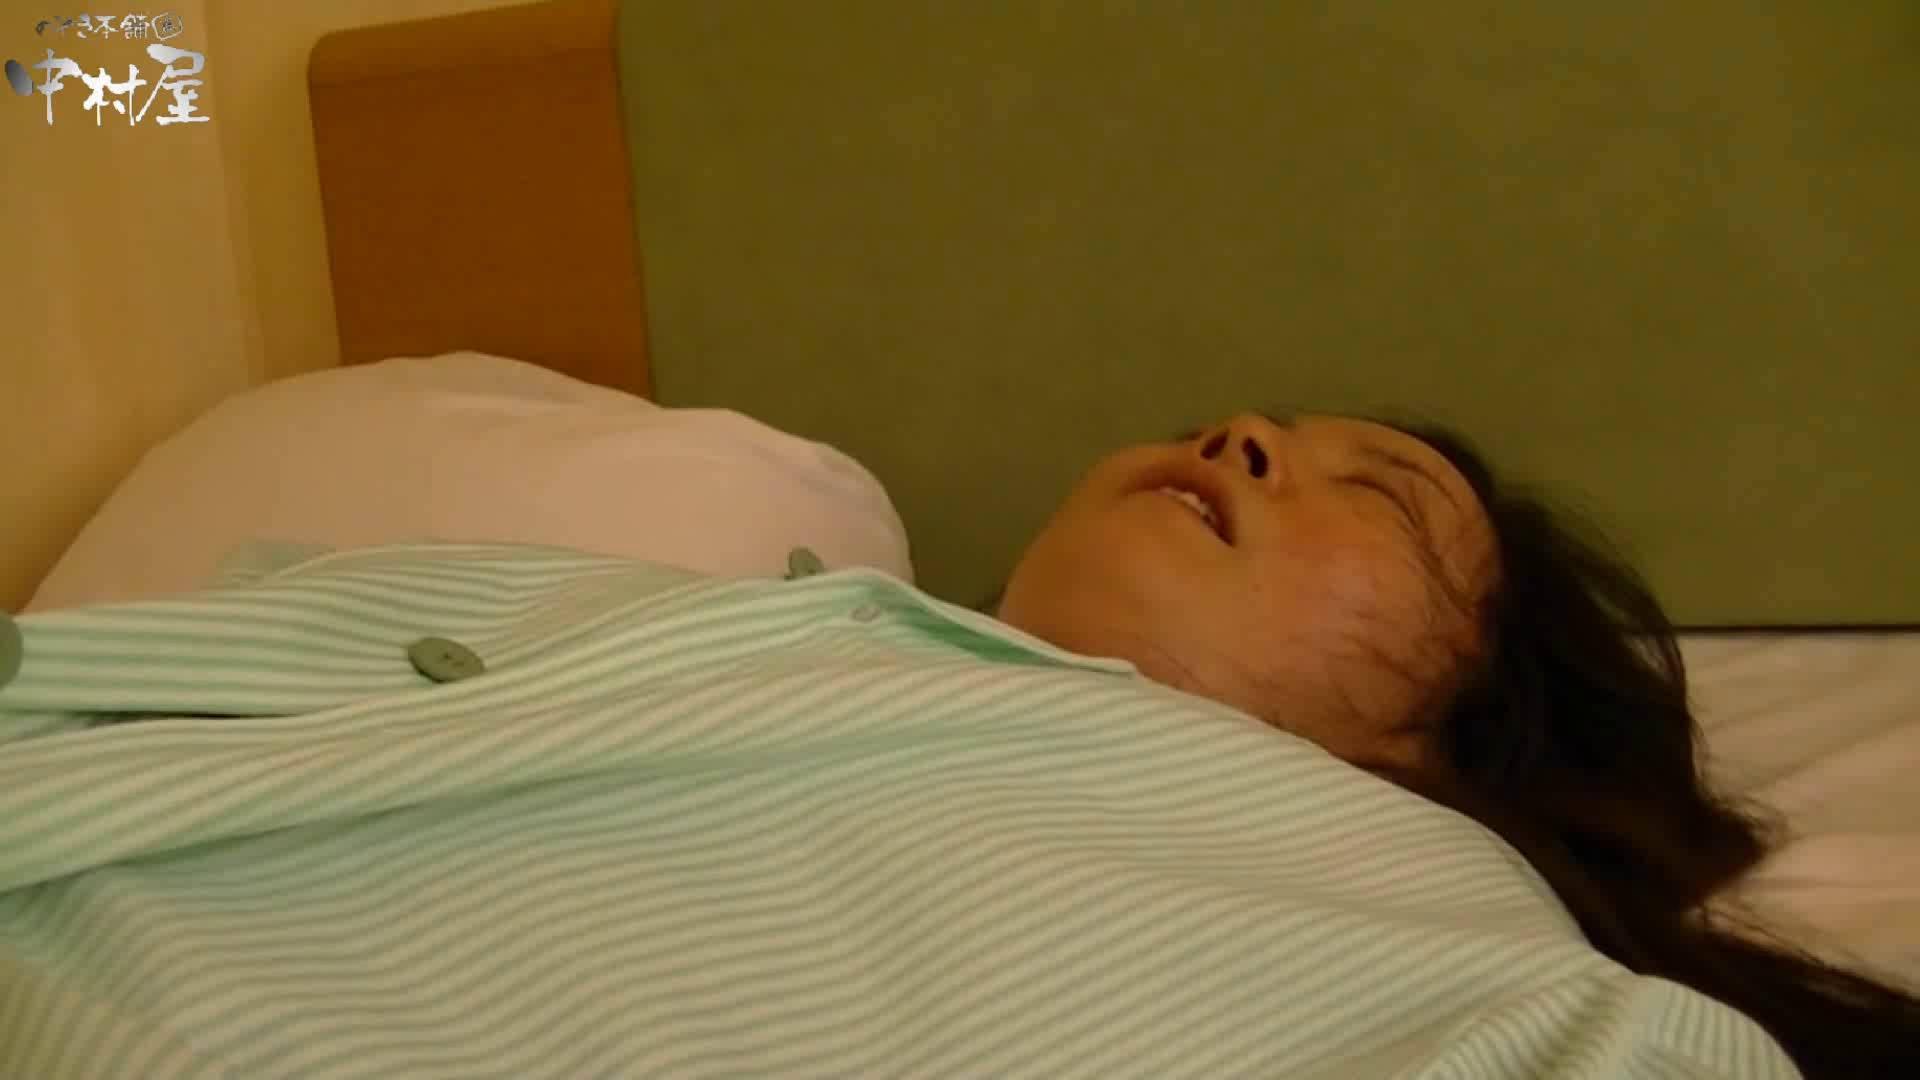 ネムリ姫 vol.30 マンコエロすぎ AV無料 100PIX 72